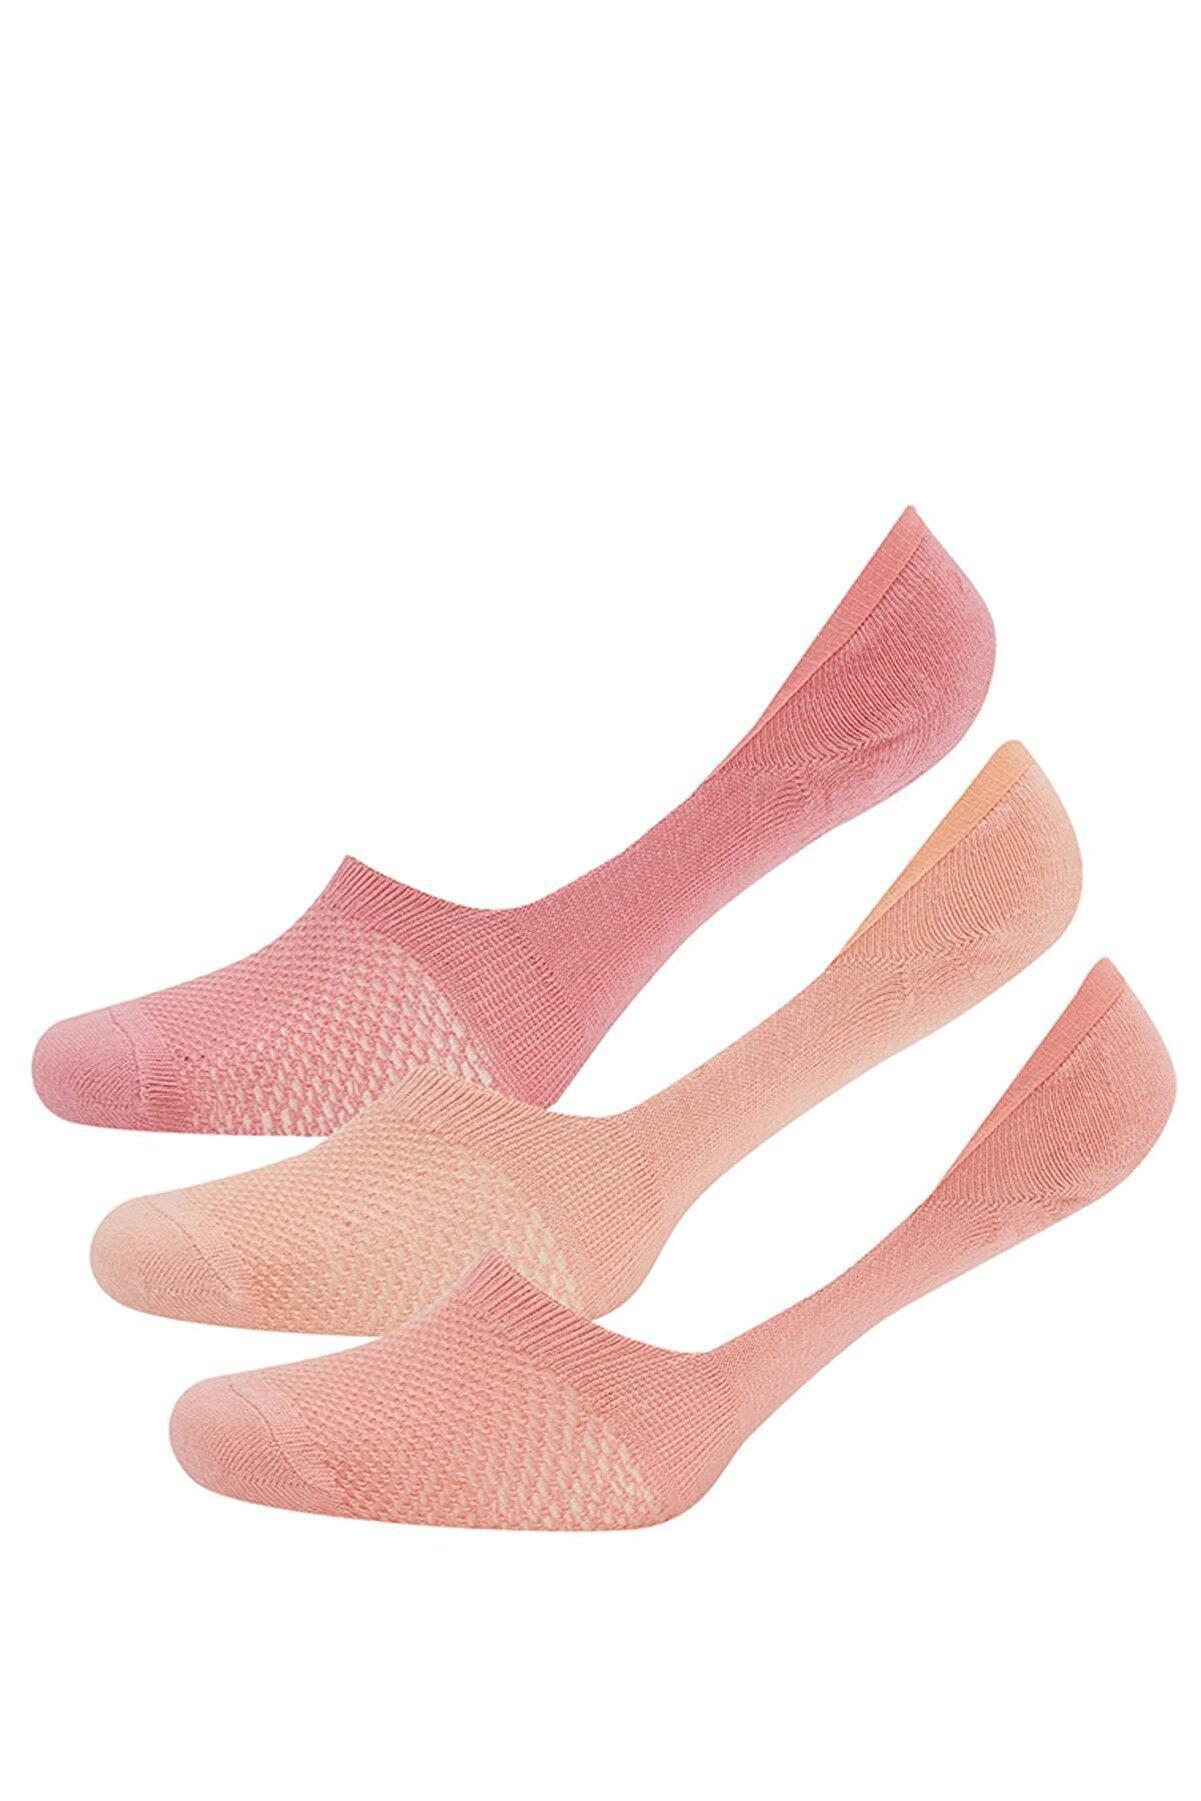 Defacto Kadın Turuncu Babet Çorap 3'lü